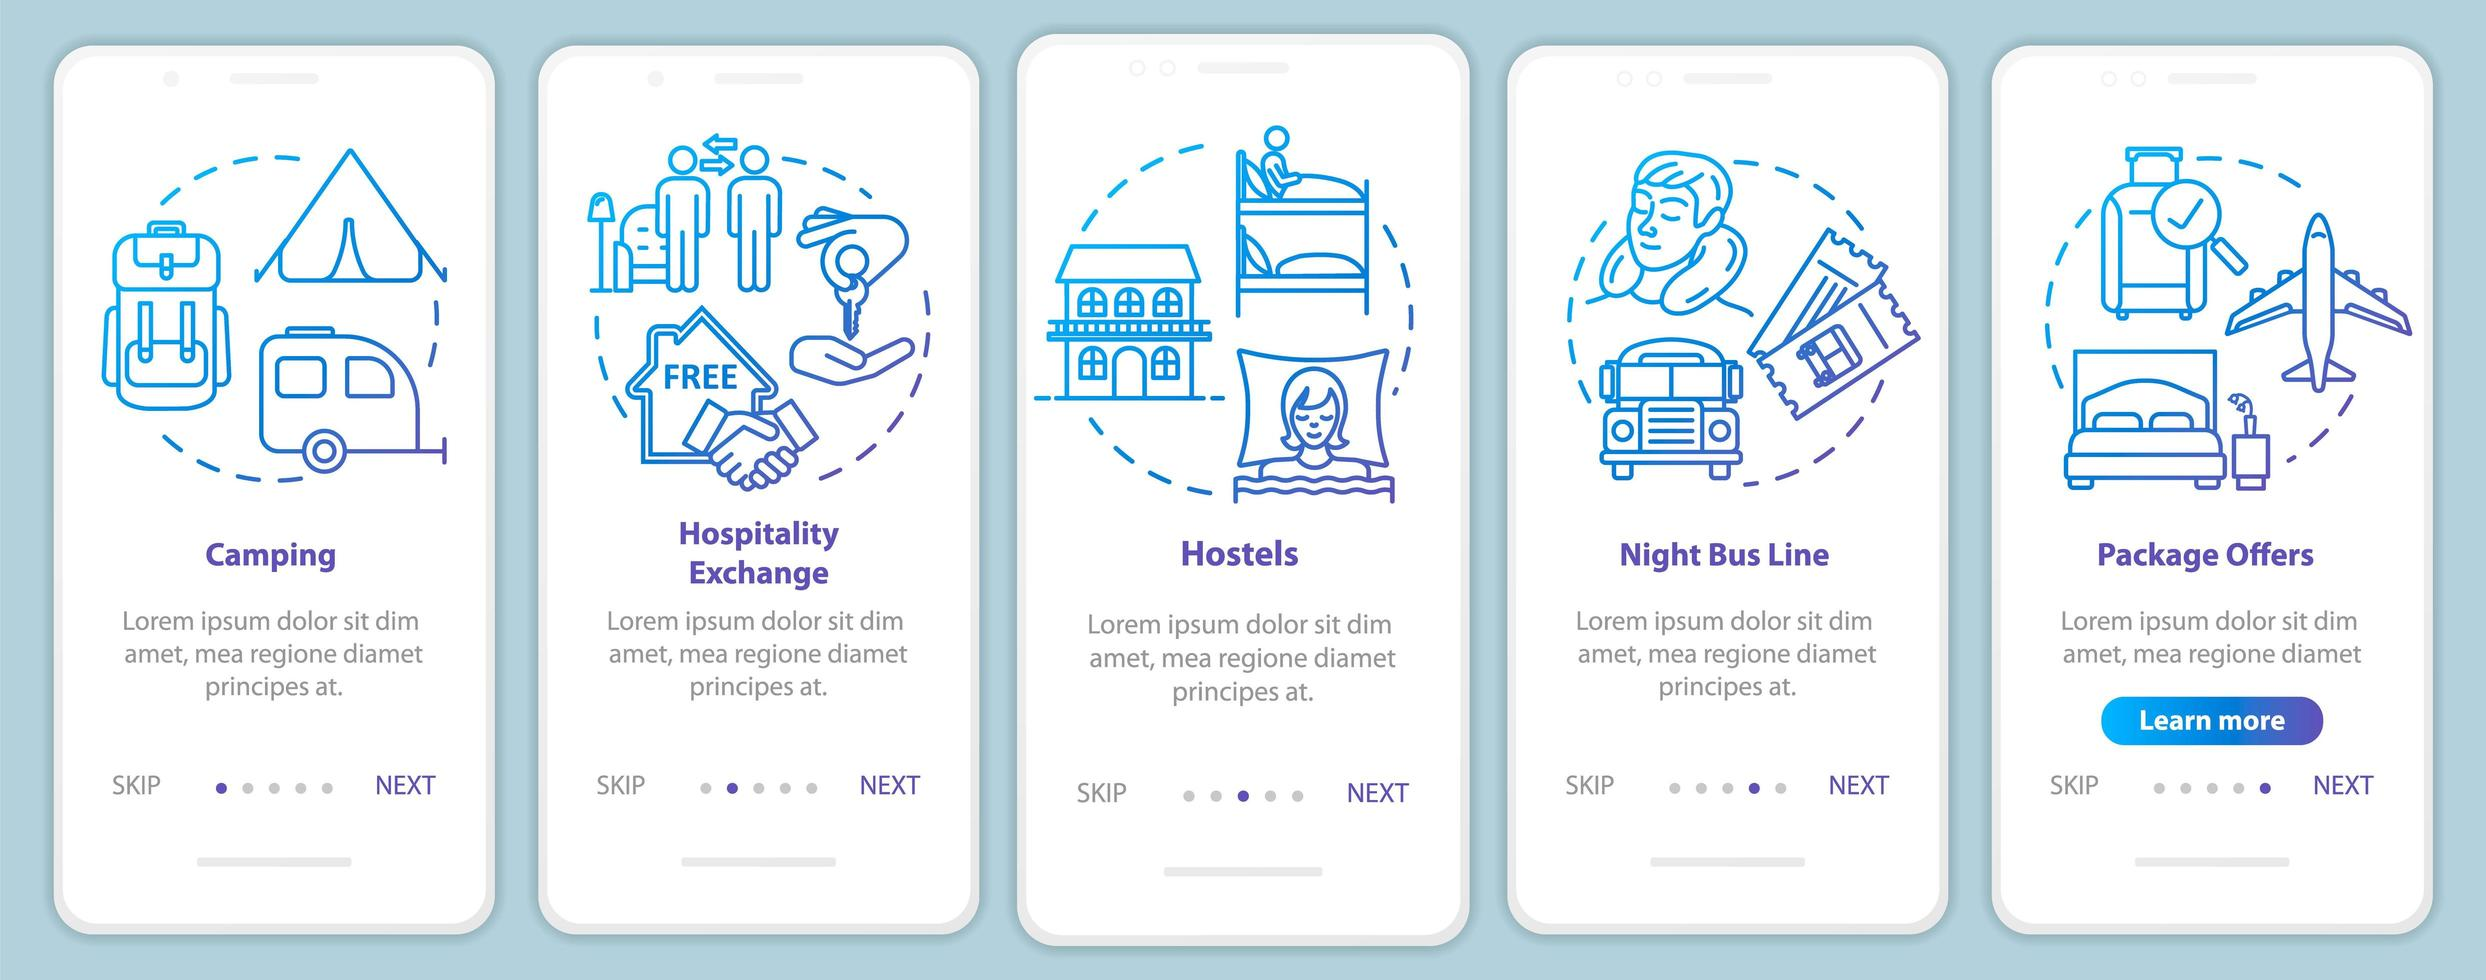 pernottamento onboarding schermata della pagina dell'app mobile con concetti. vettore